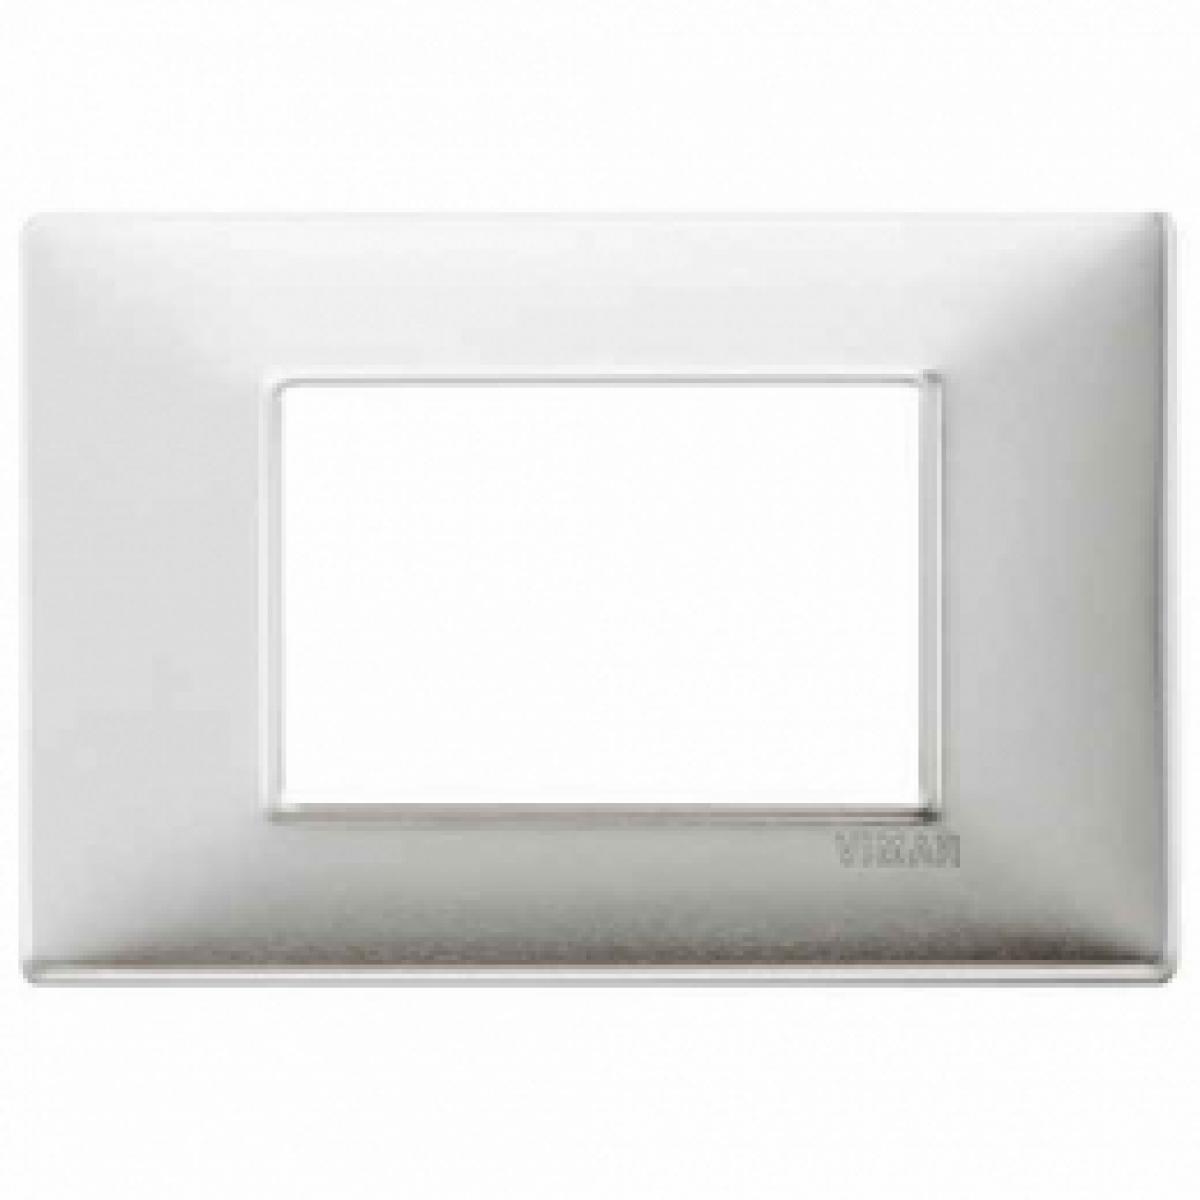 Placca 3 posti alluminio spazzolato 14653.81 vimar plana